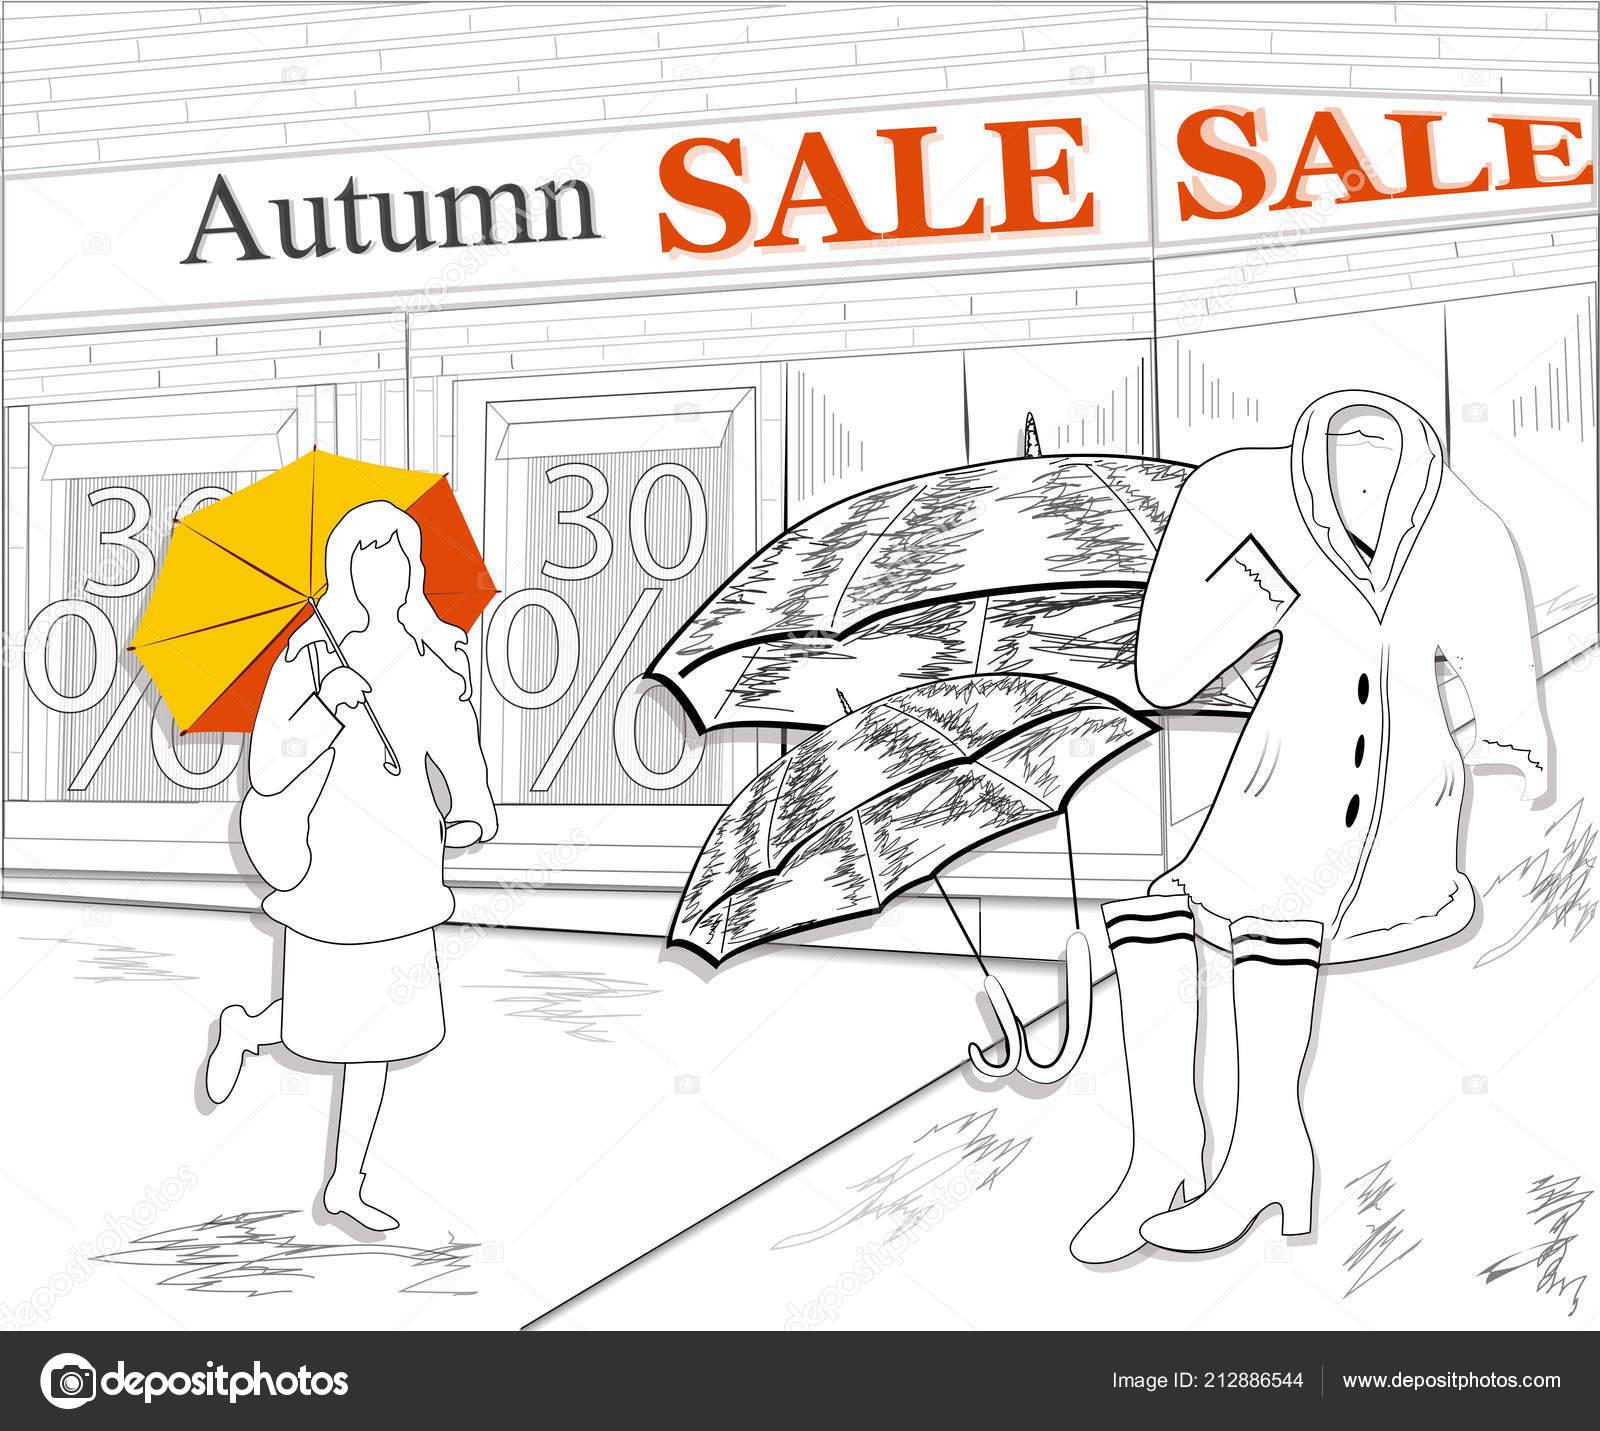 53ab06cd711d Creative Banner Plakát Pro Podzimní Prodej Plakát Reklama Prodej ...